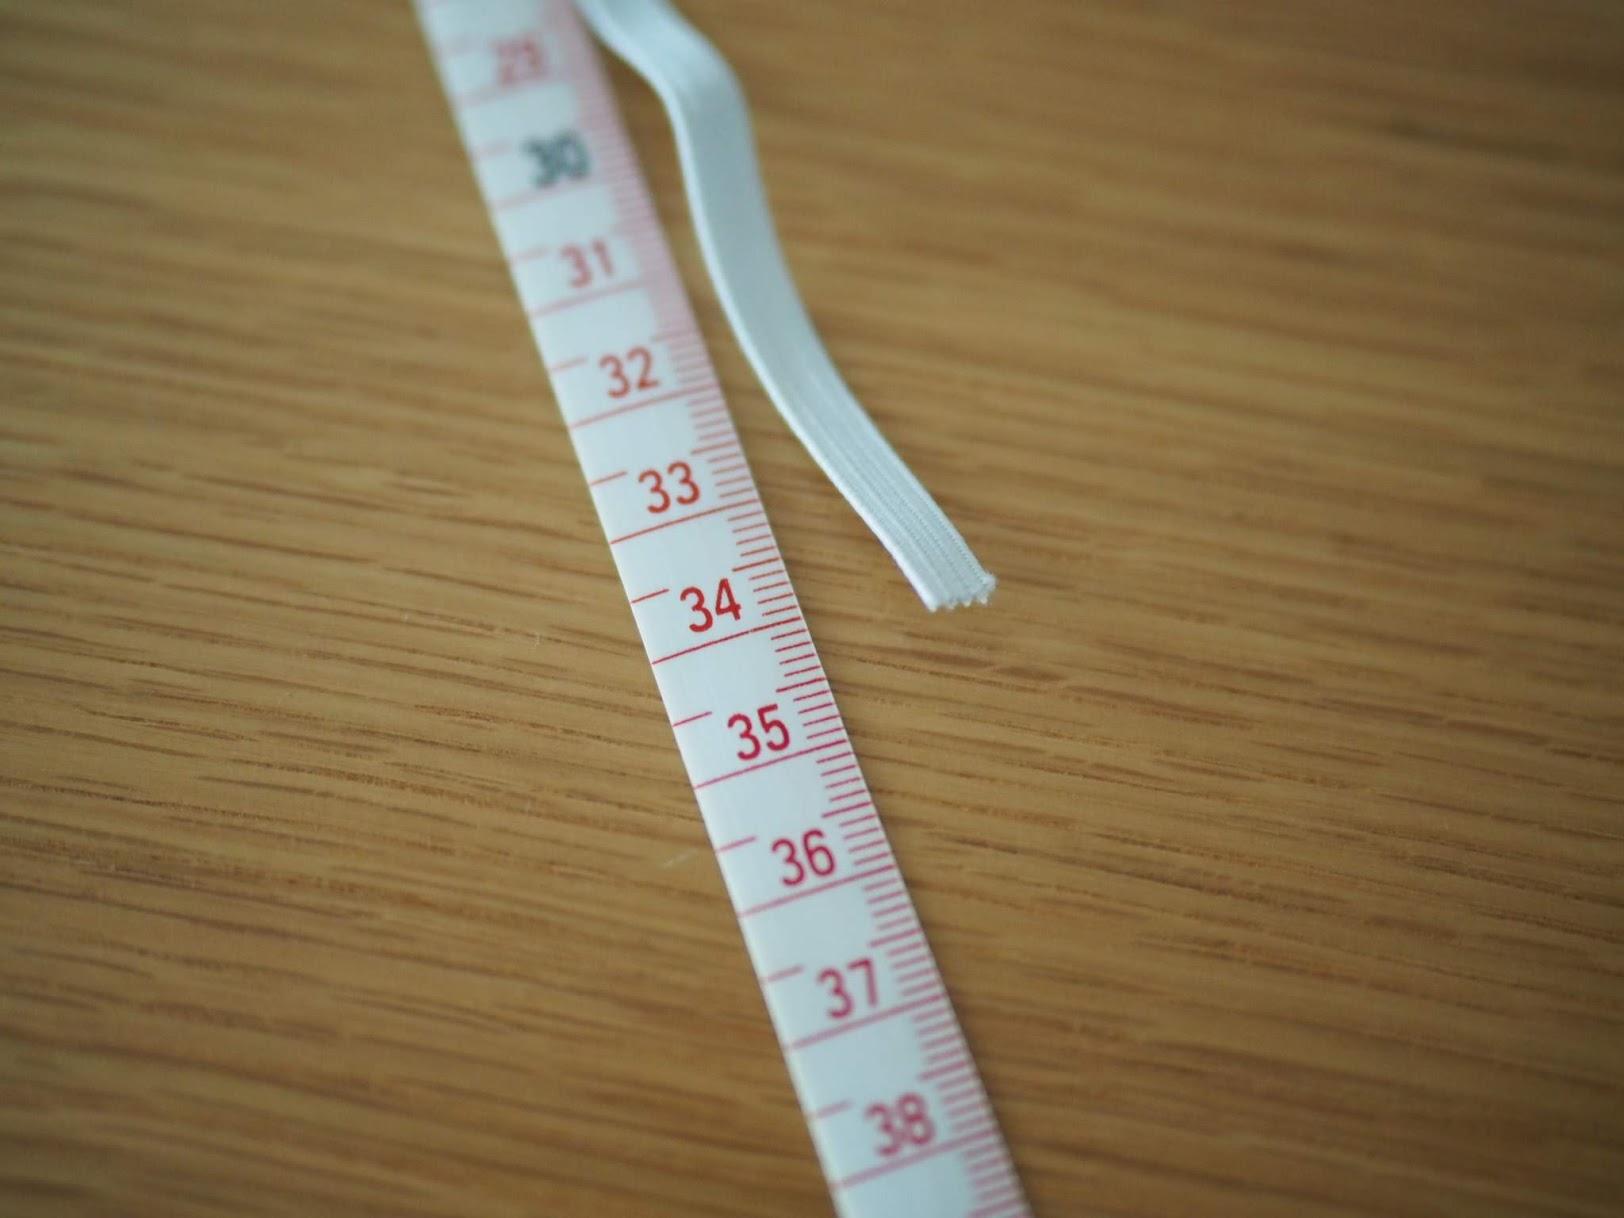 ゴムひもの長さは34cmくらい